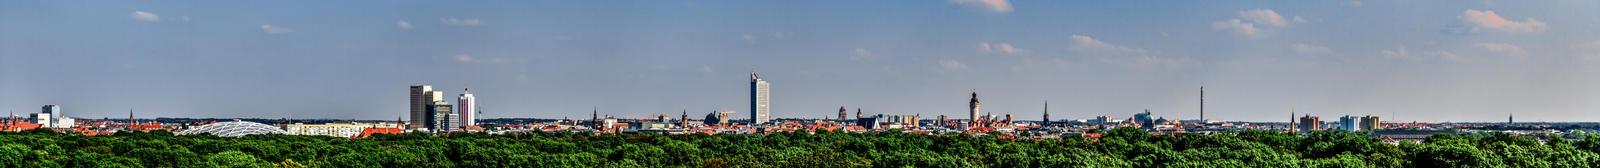 Leipzig Panorama by mrotsten